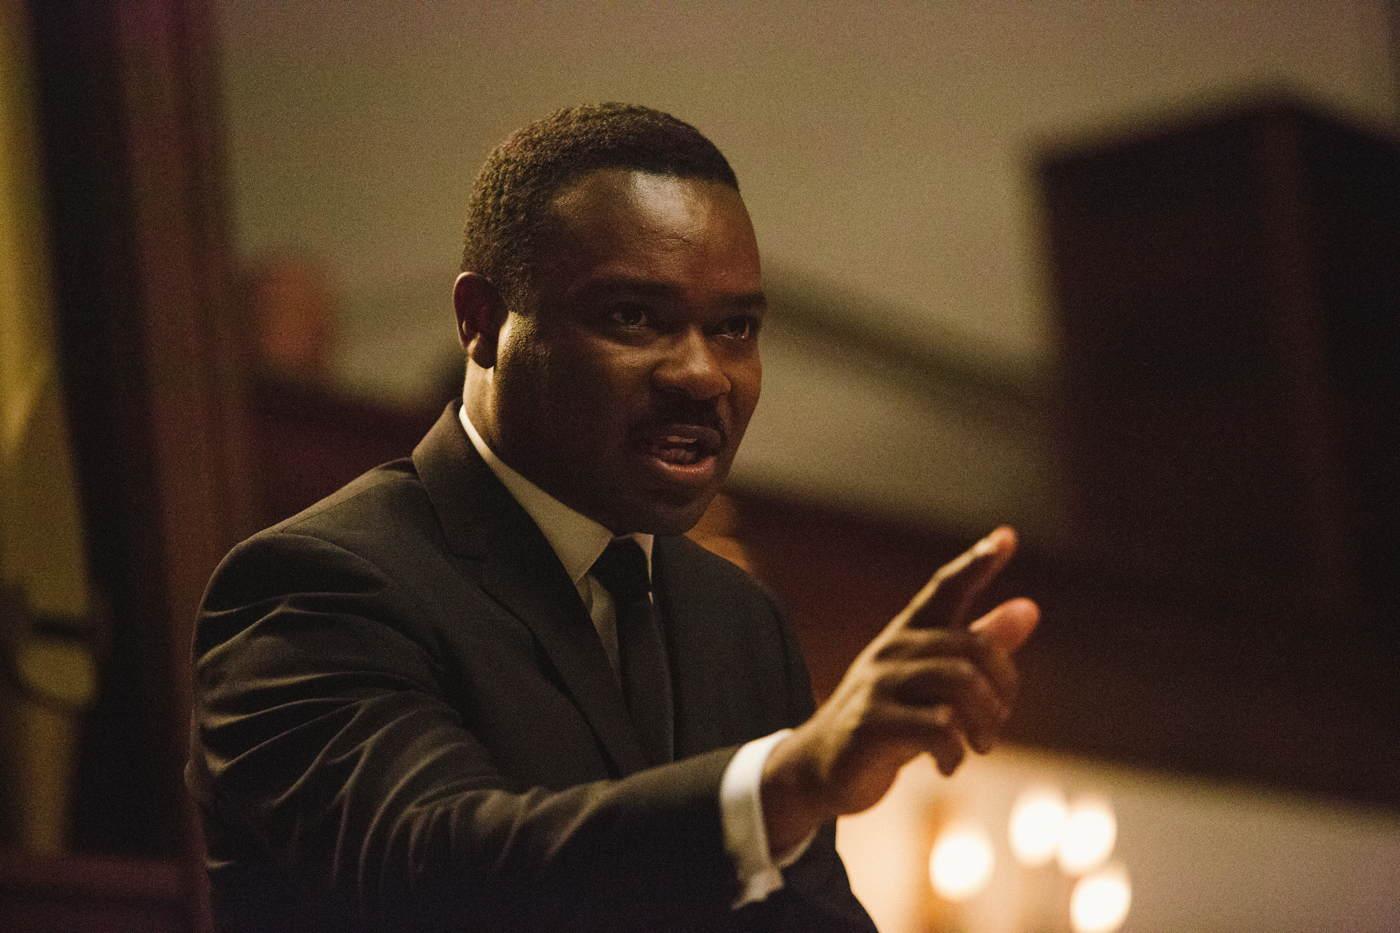 Selma - La strada per la libertà: David Oyelowo in una scena del film drammatico